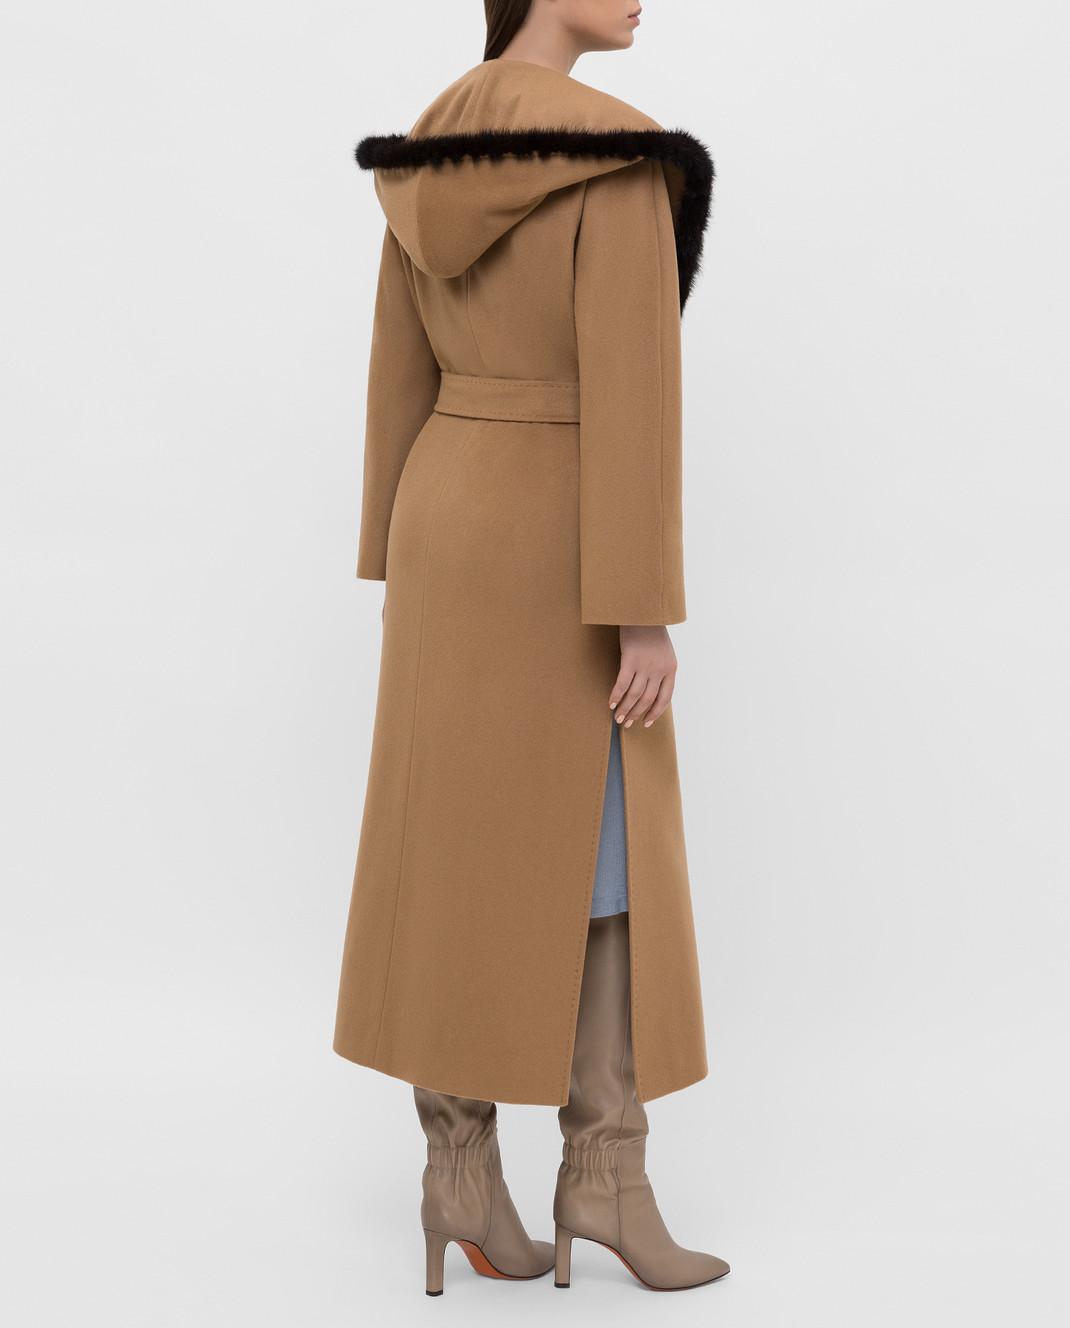 Heresis Бежевое пальто M33130VIA50 изображение 4